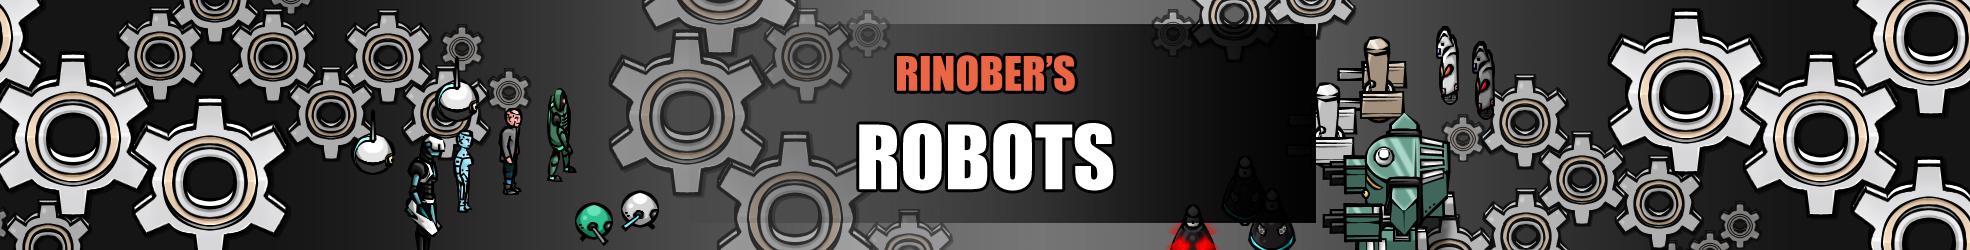 Rinober's Robots